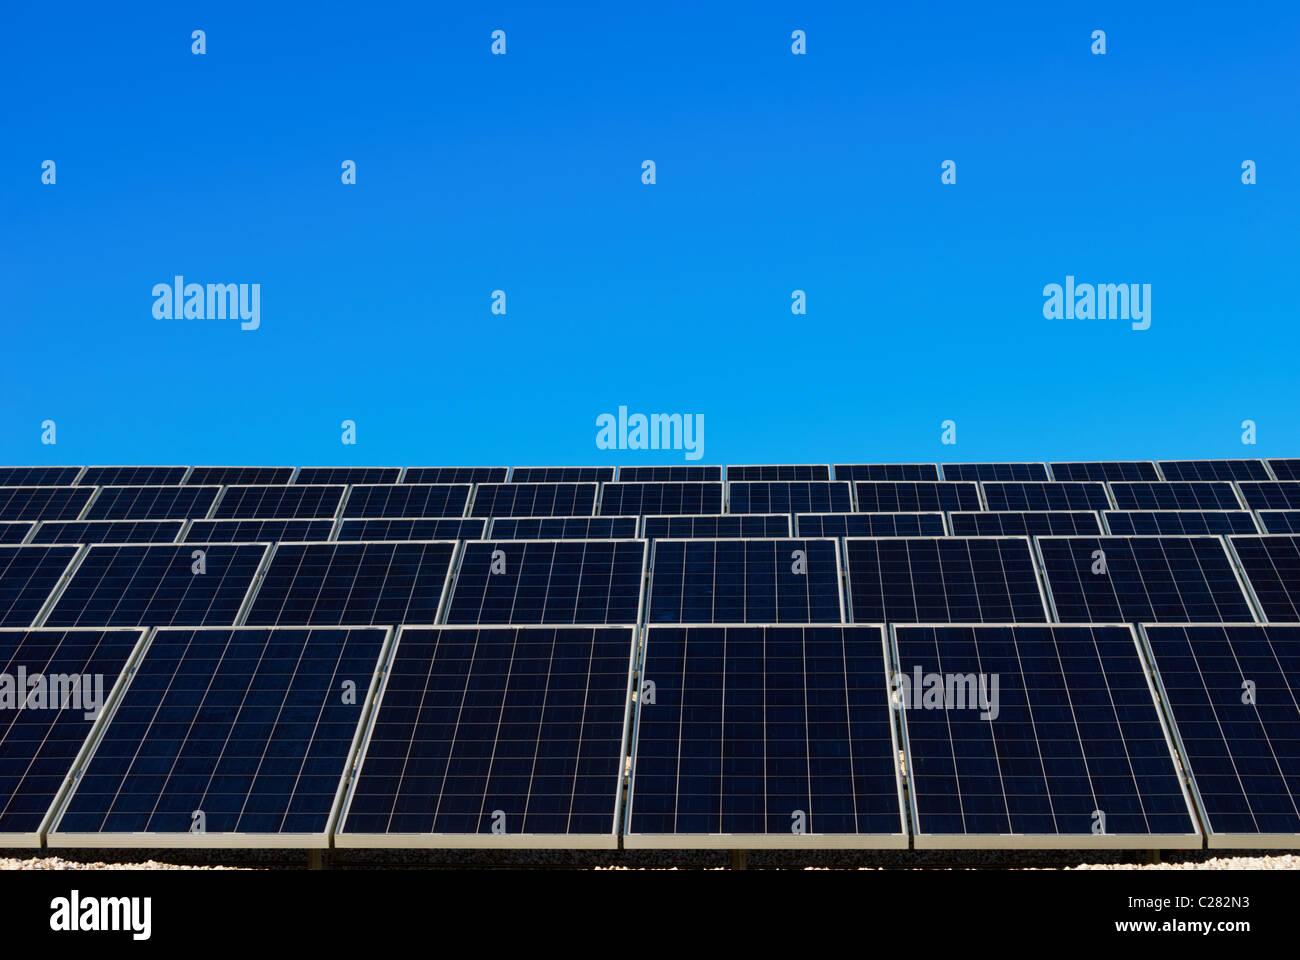 Panel solar azul y blanco en una fila bajo el cielo azul claro Imagen De Stock